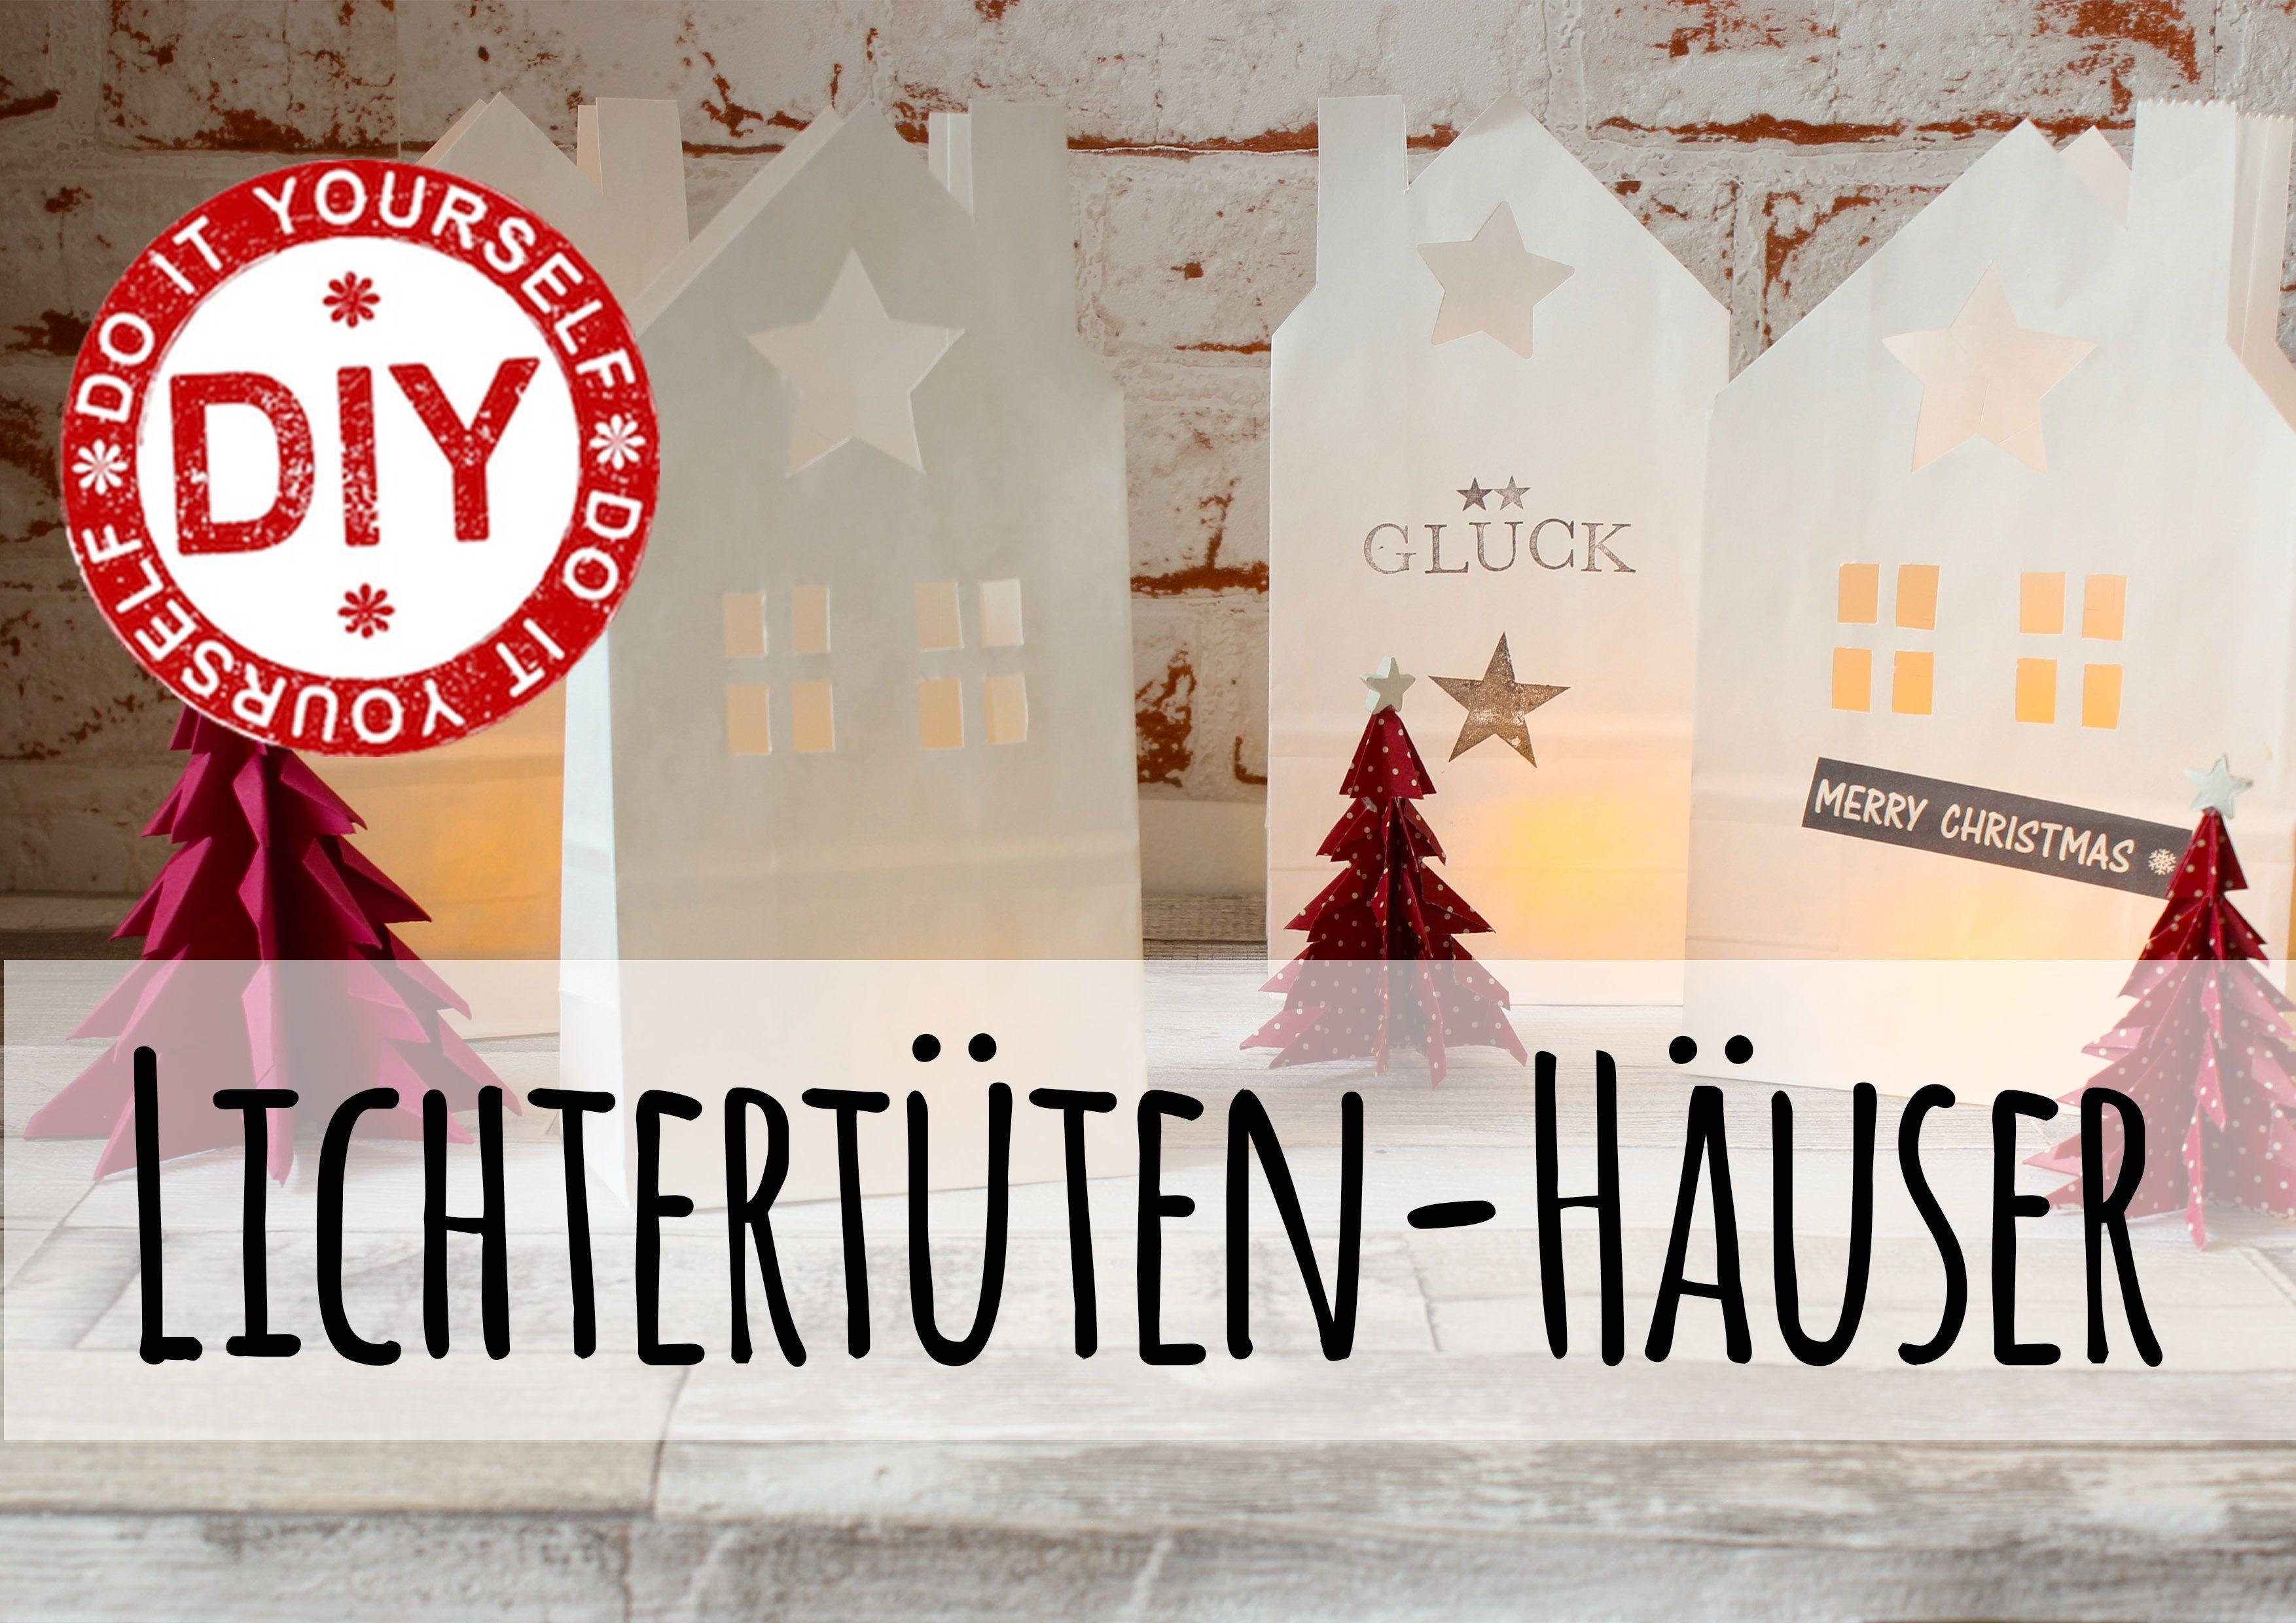 Lichtertüten in Hausform - Natural Hygge by Patricia Morgenthaler #fensterdekoweihnachten DIY: Lichtertüten in Hausform - Home made living by Patricia Morgenthaler